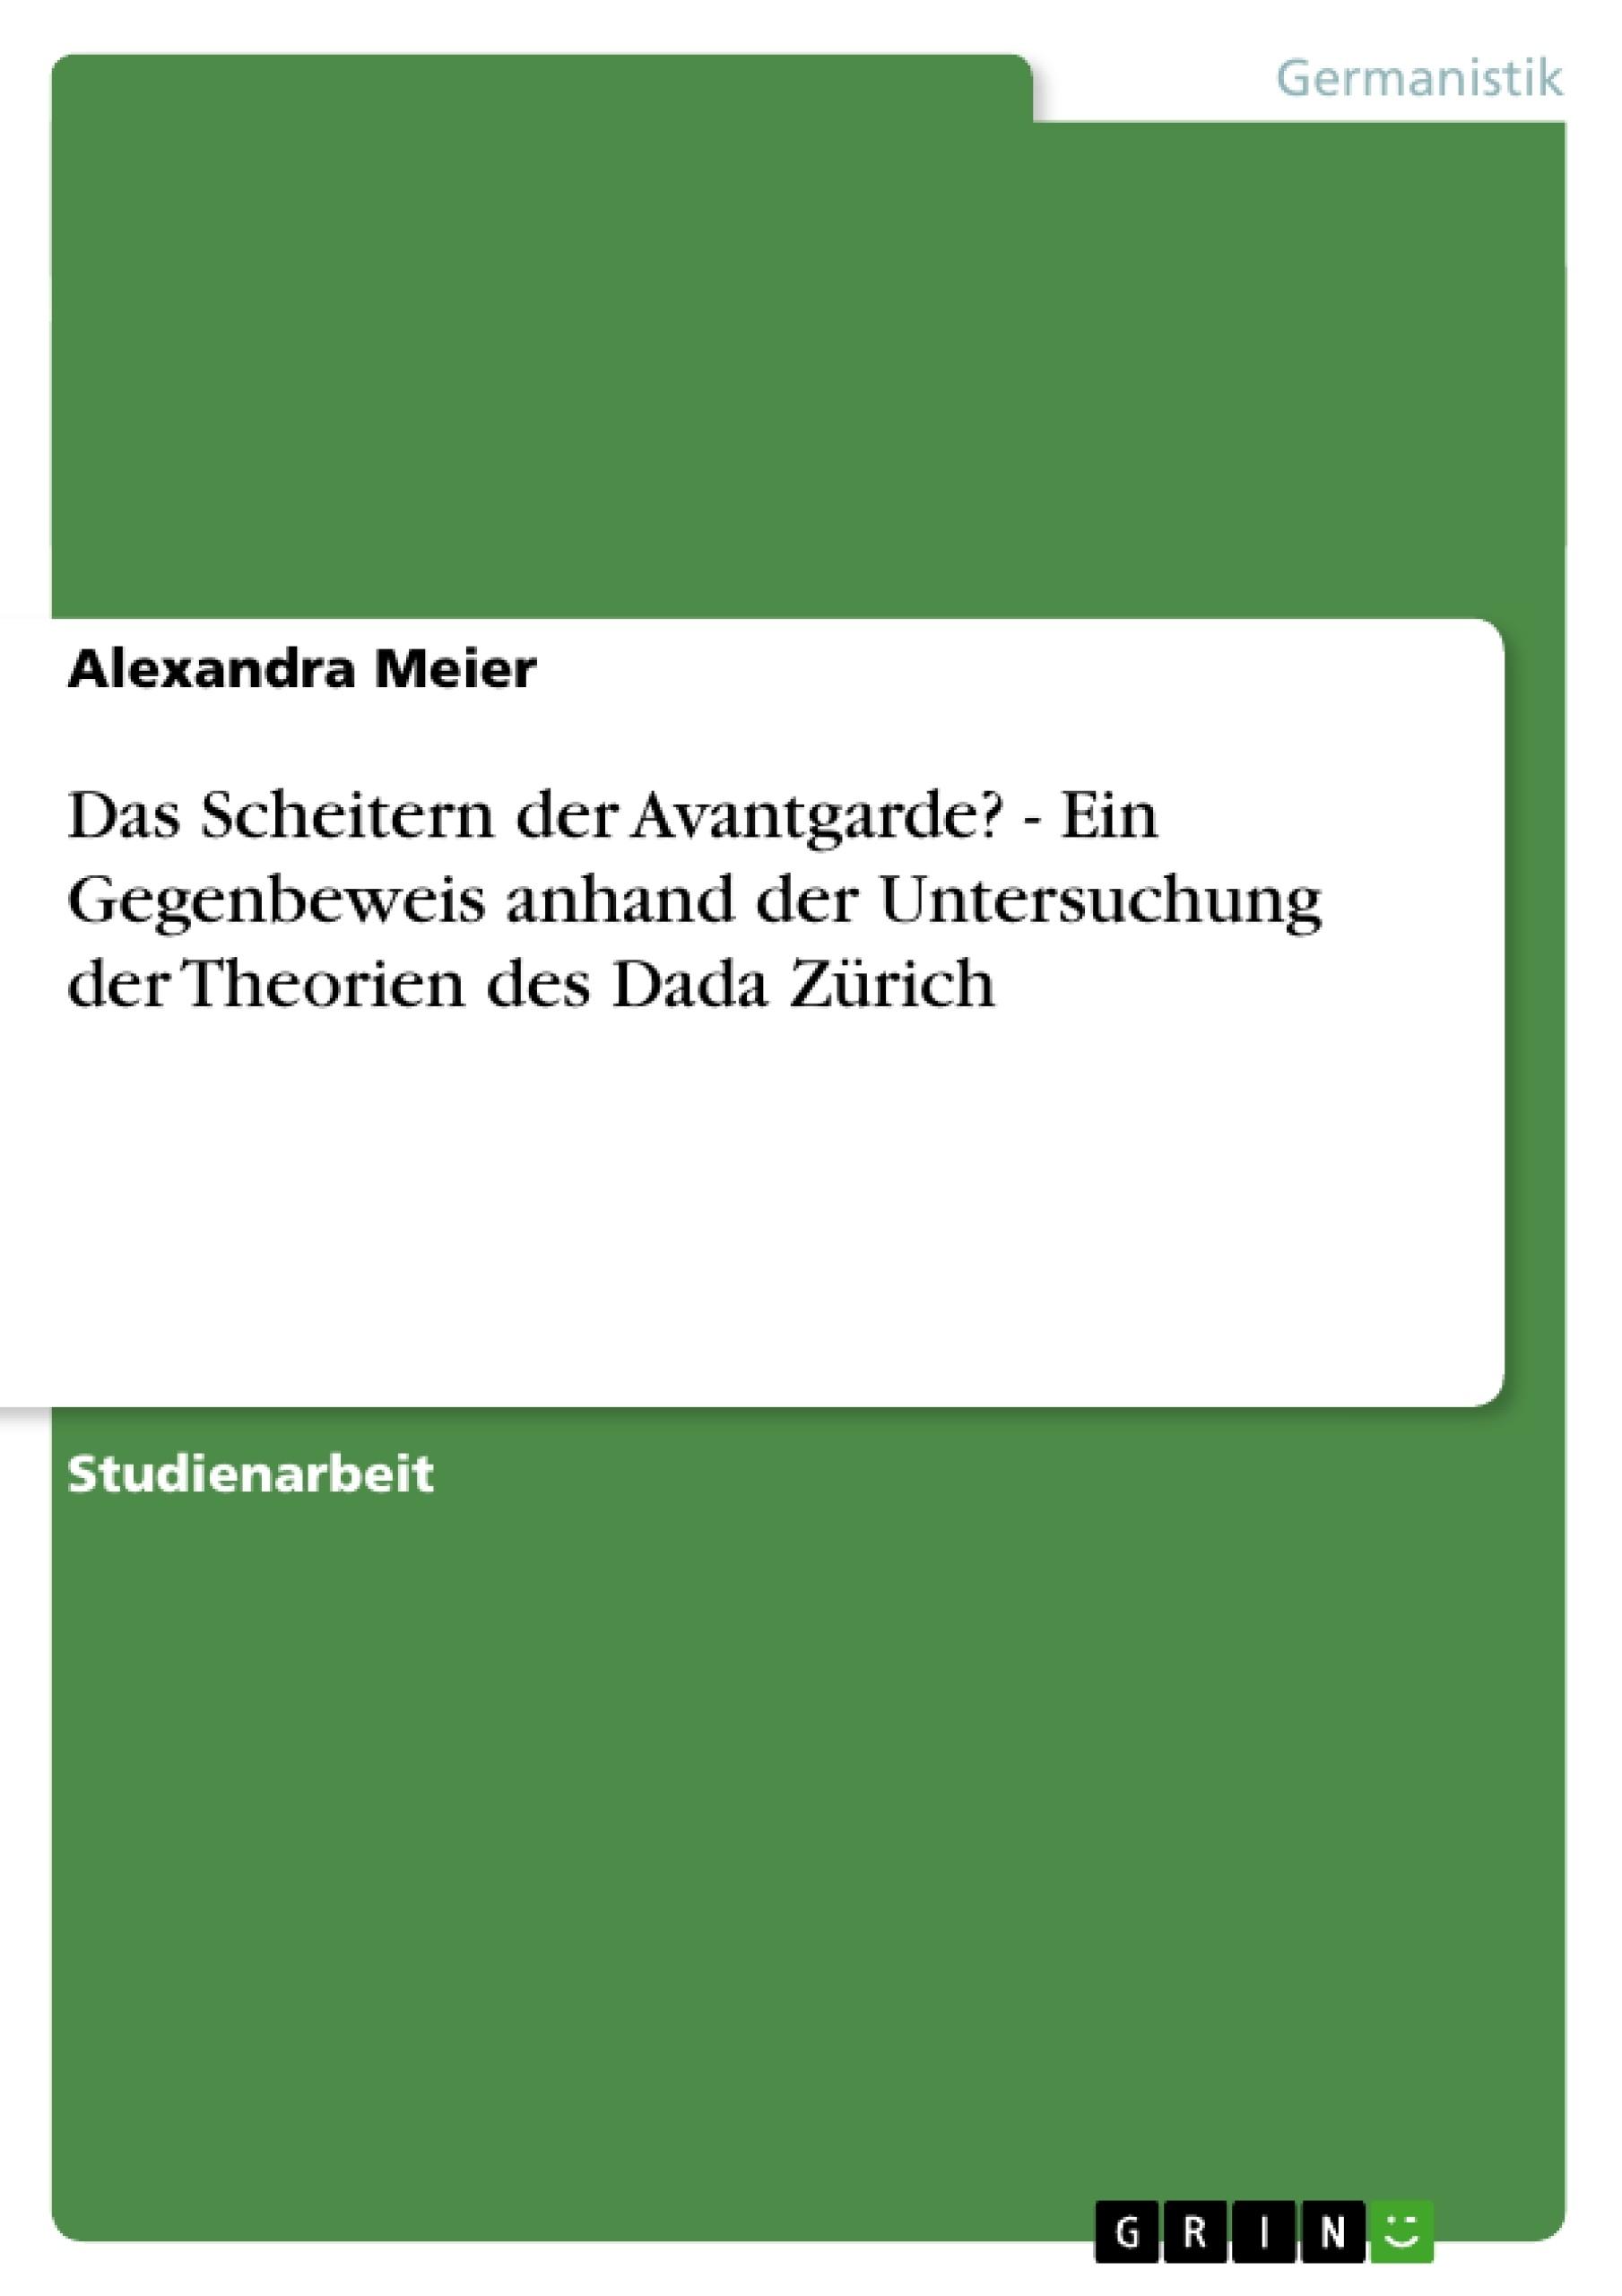 Titel: Das Scheitern der Avantgarde? - Ein Gegenbeweis anhand der Untersuchung der Theorien des Dada Zürich